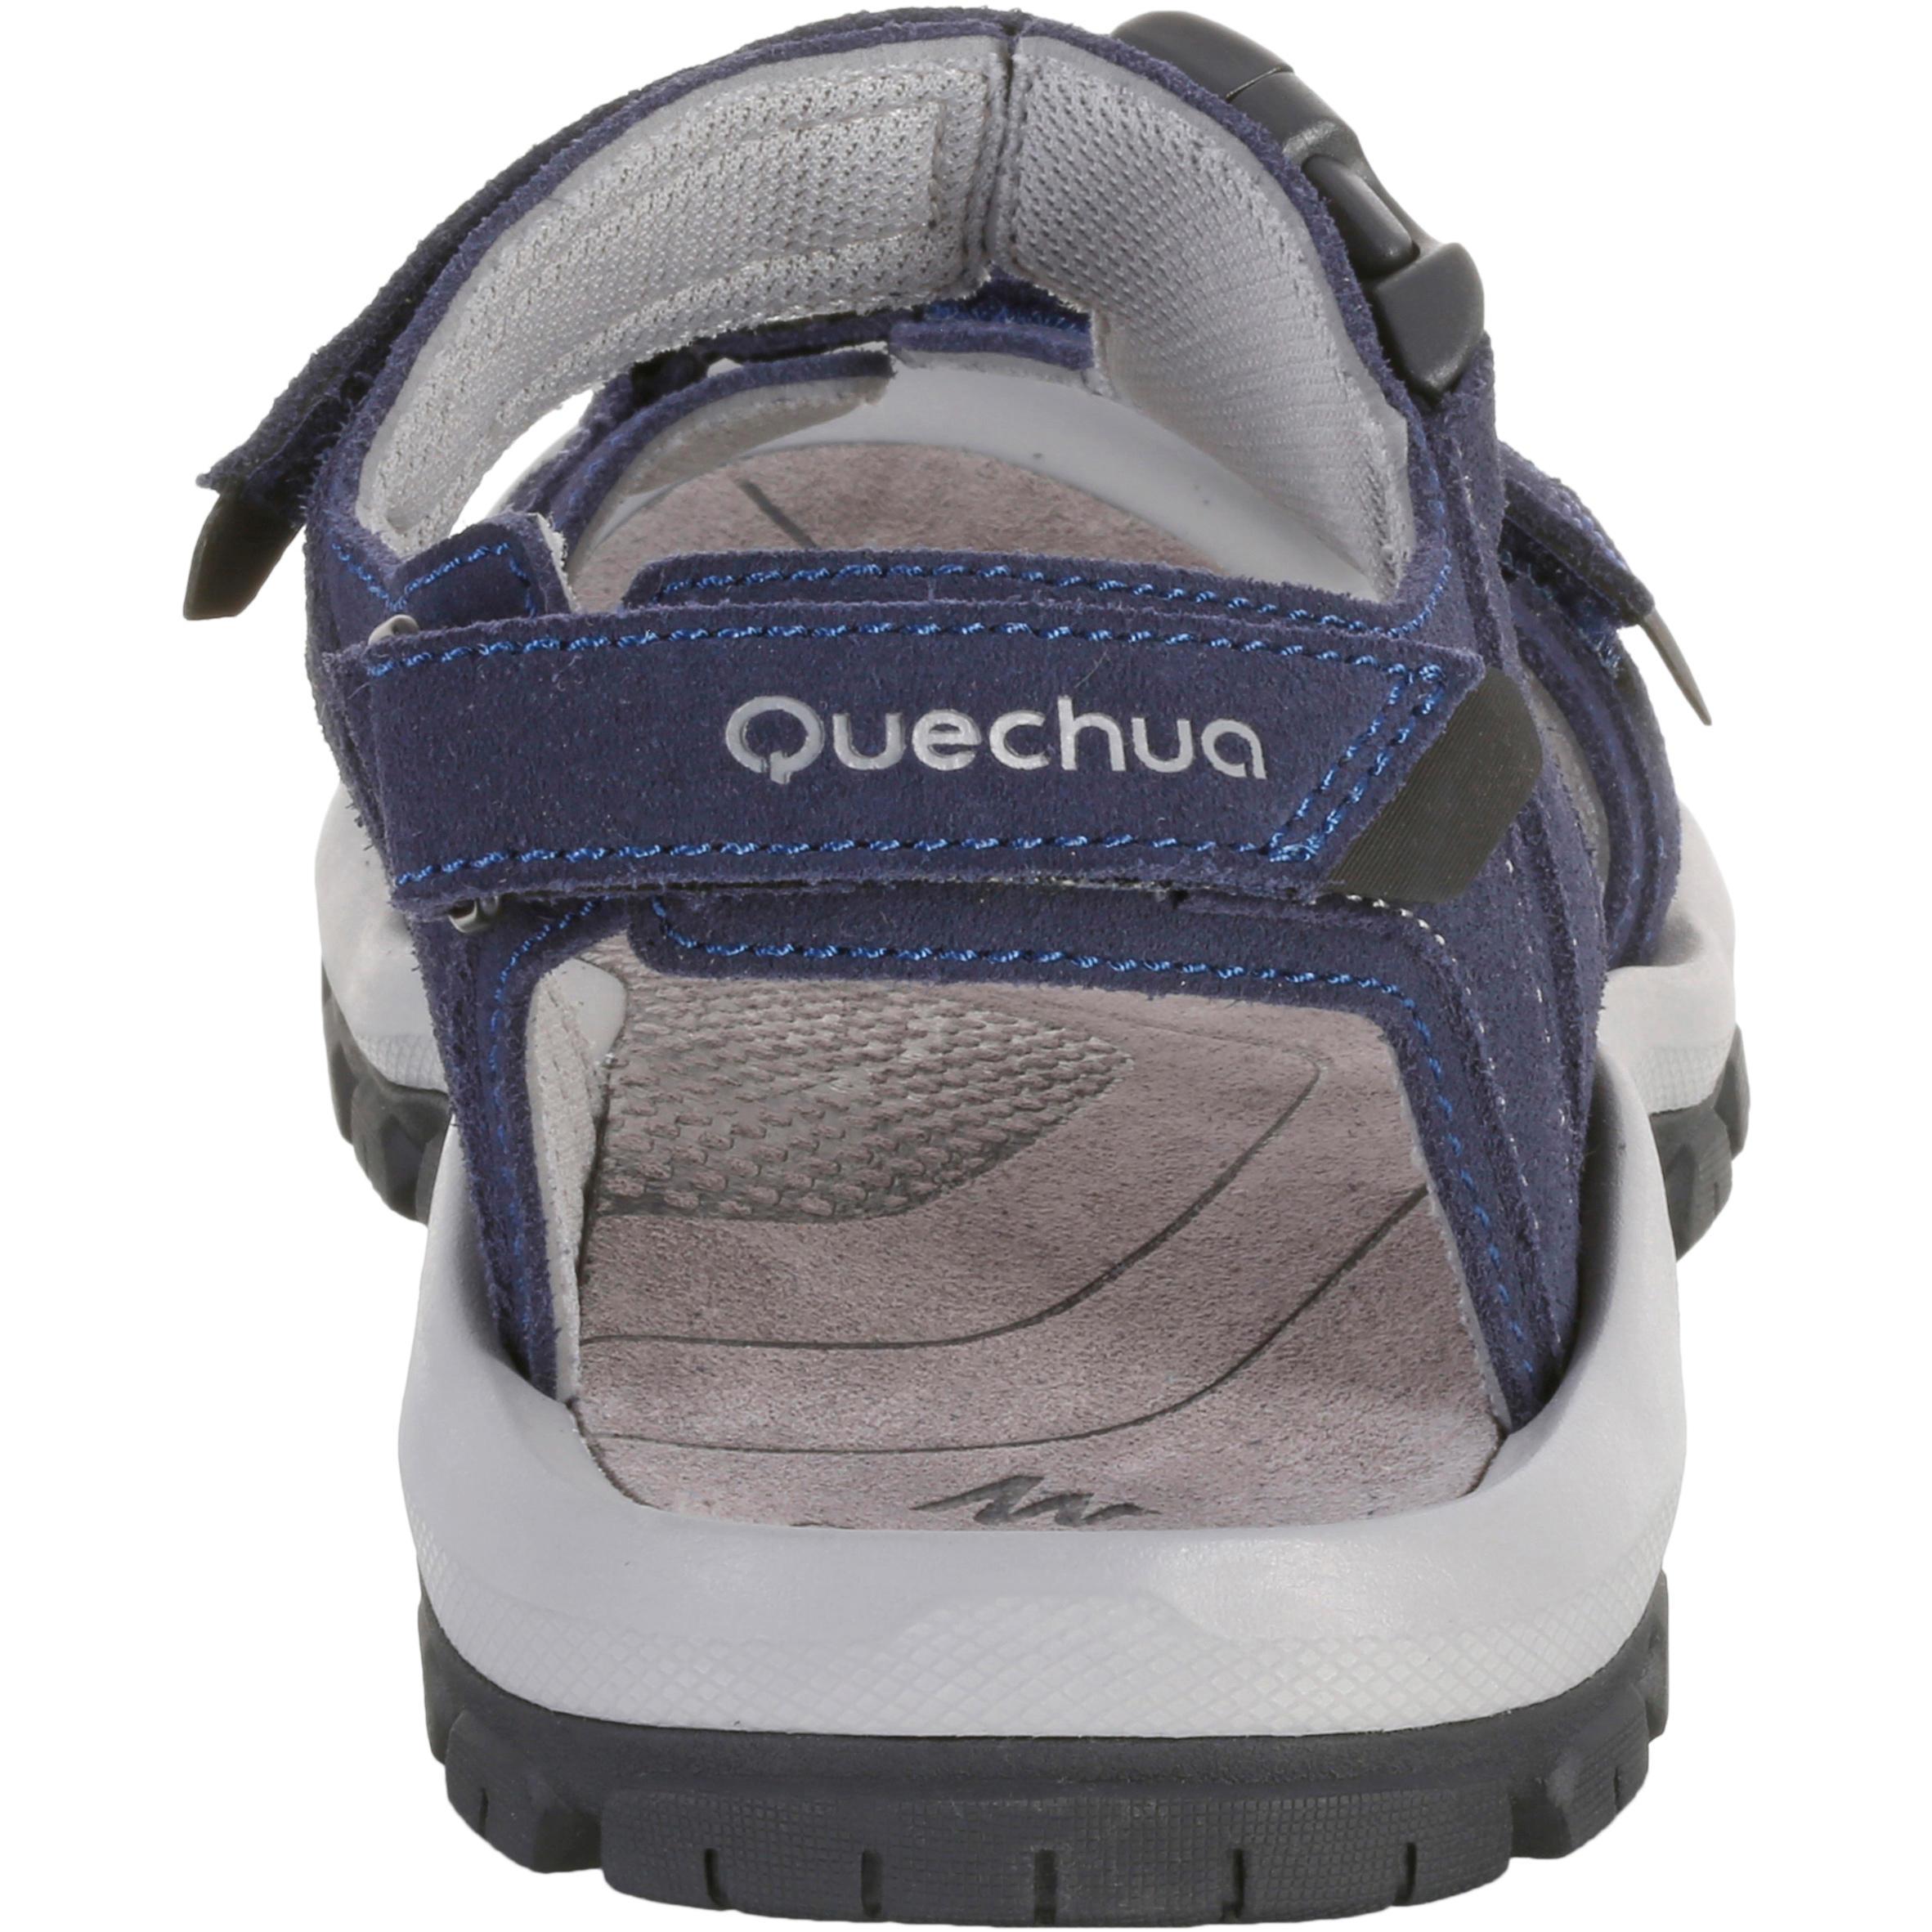 Quechua Wandelsandalen Arpenaz 120 voor heren